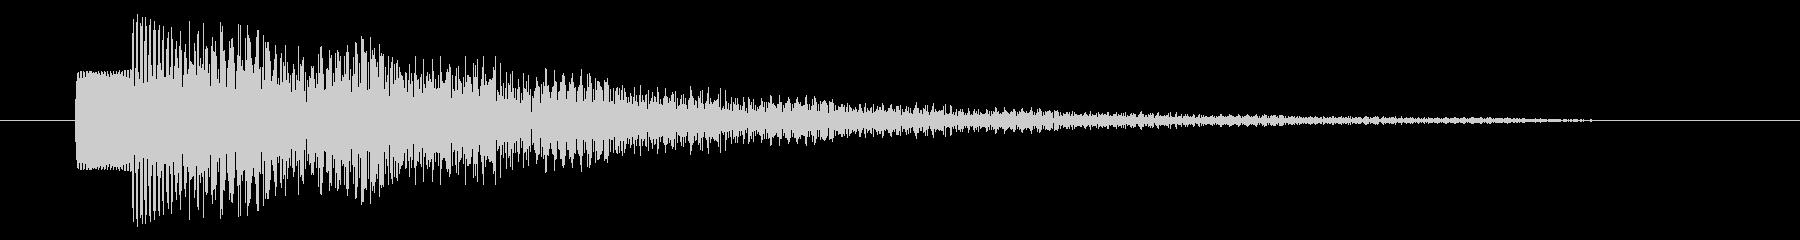 決定音/SF系/宇宙/エコーの未再生の波形